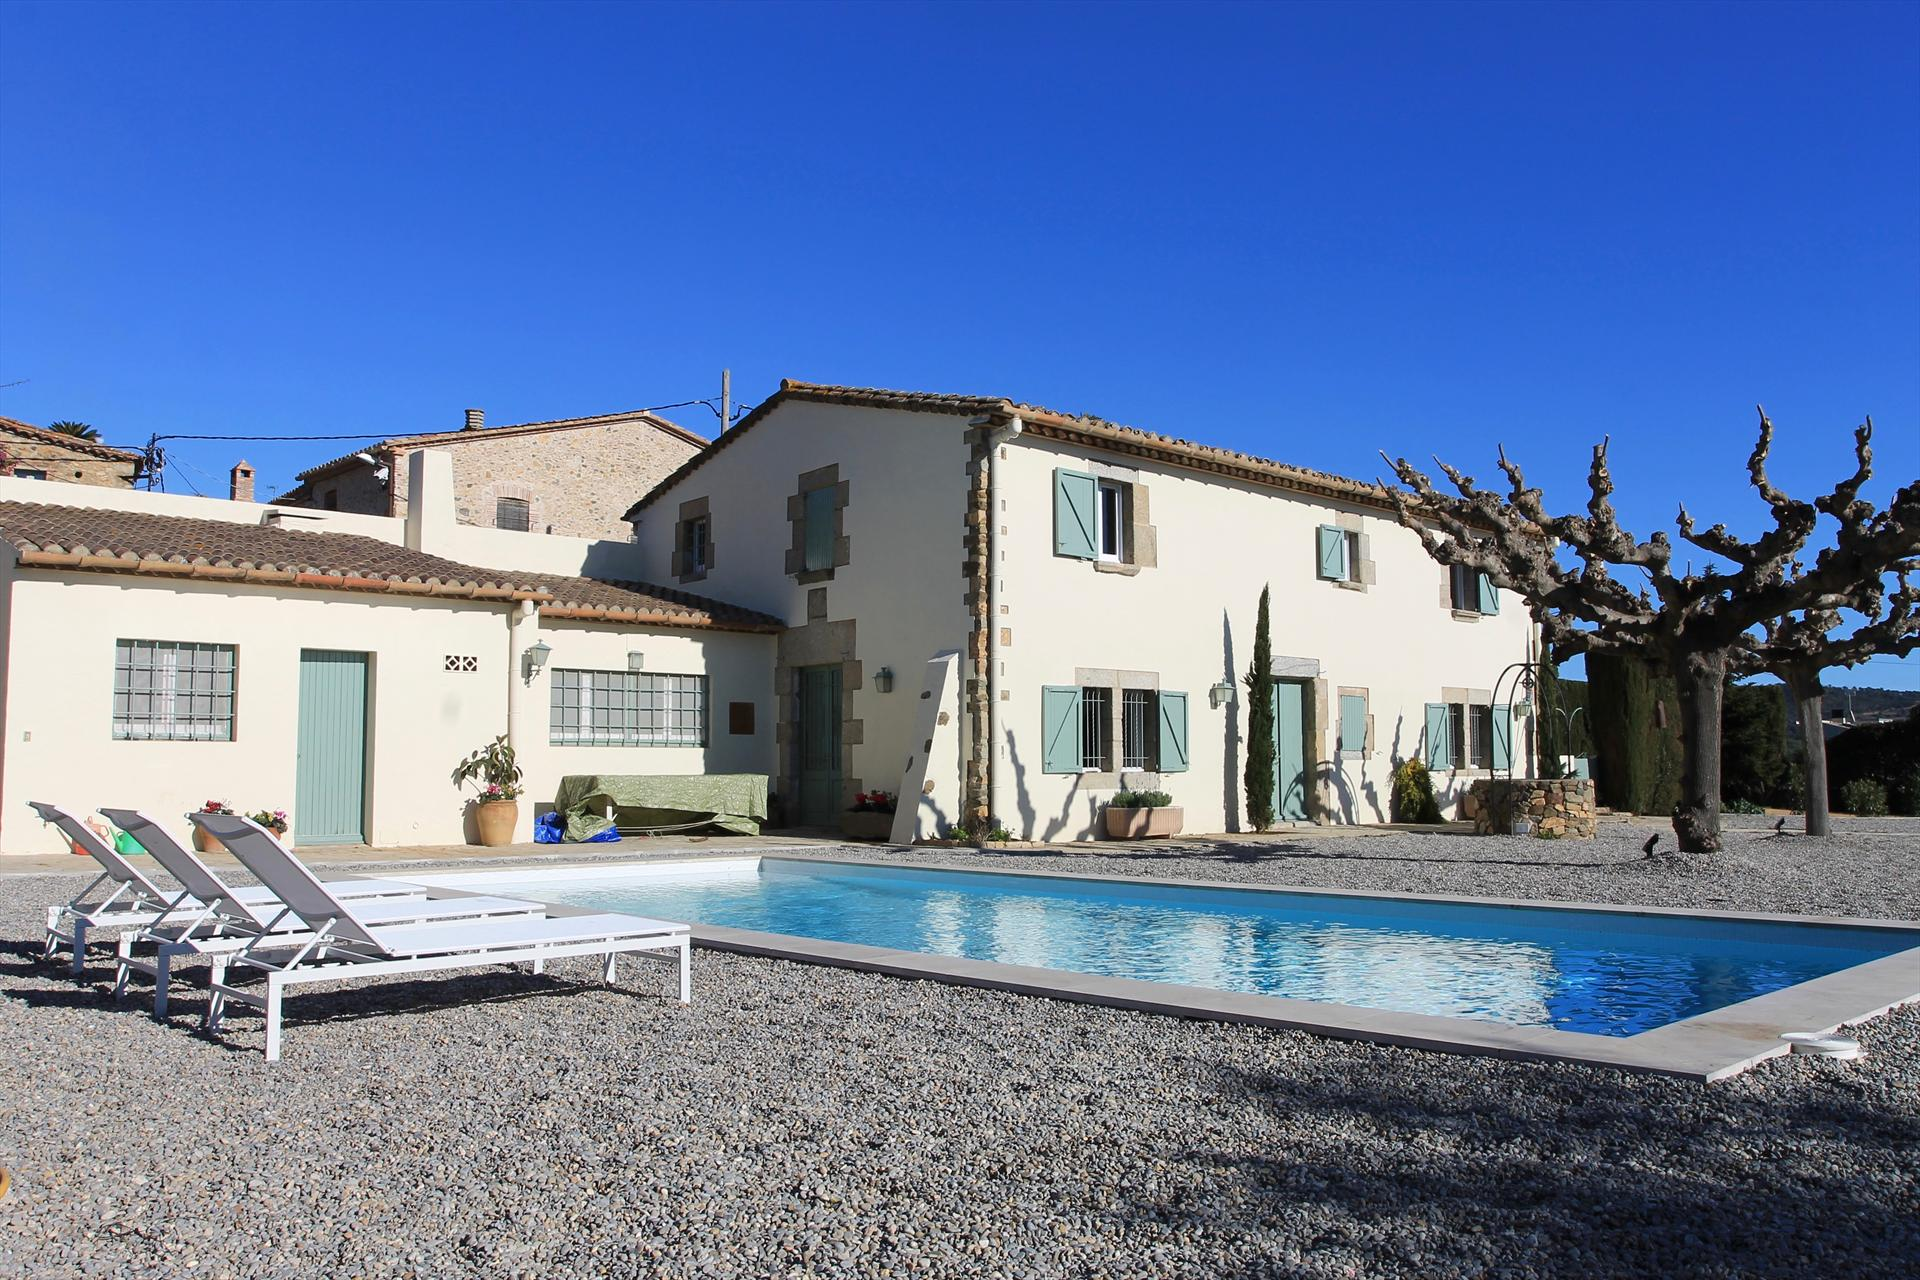 La portenya,Villa  with private pool in Calonge, Catalonia, Spain for 8 persons...